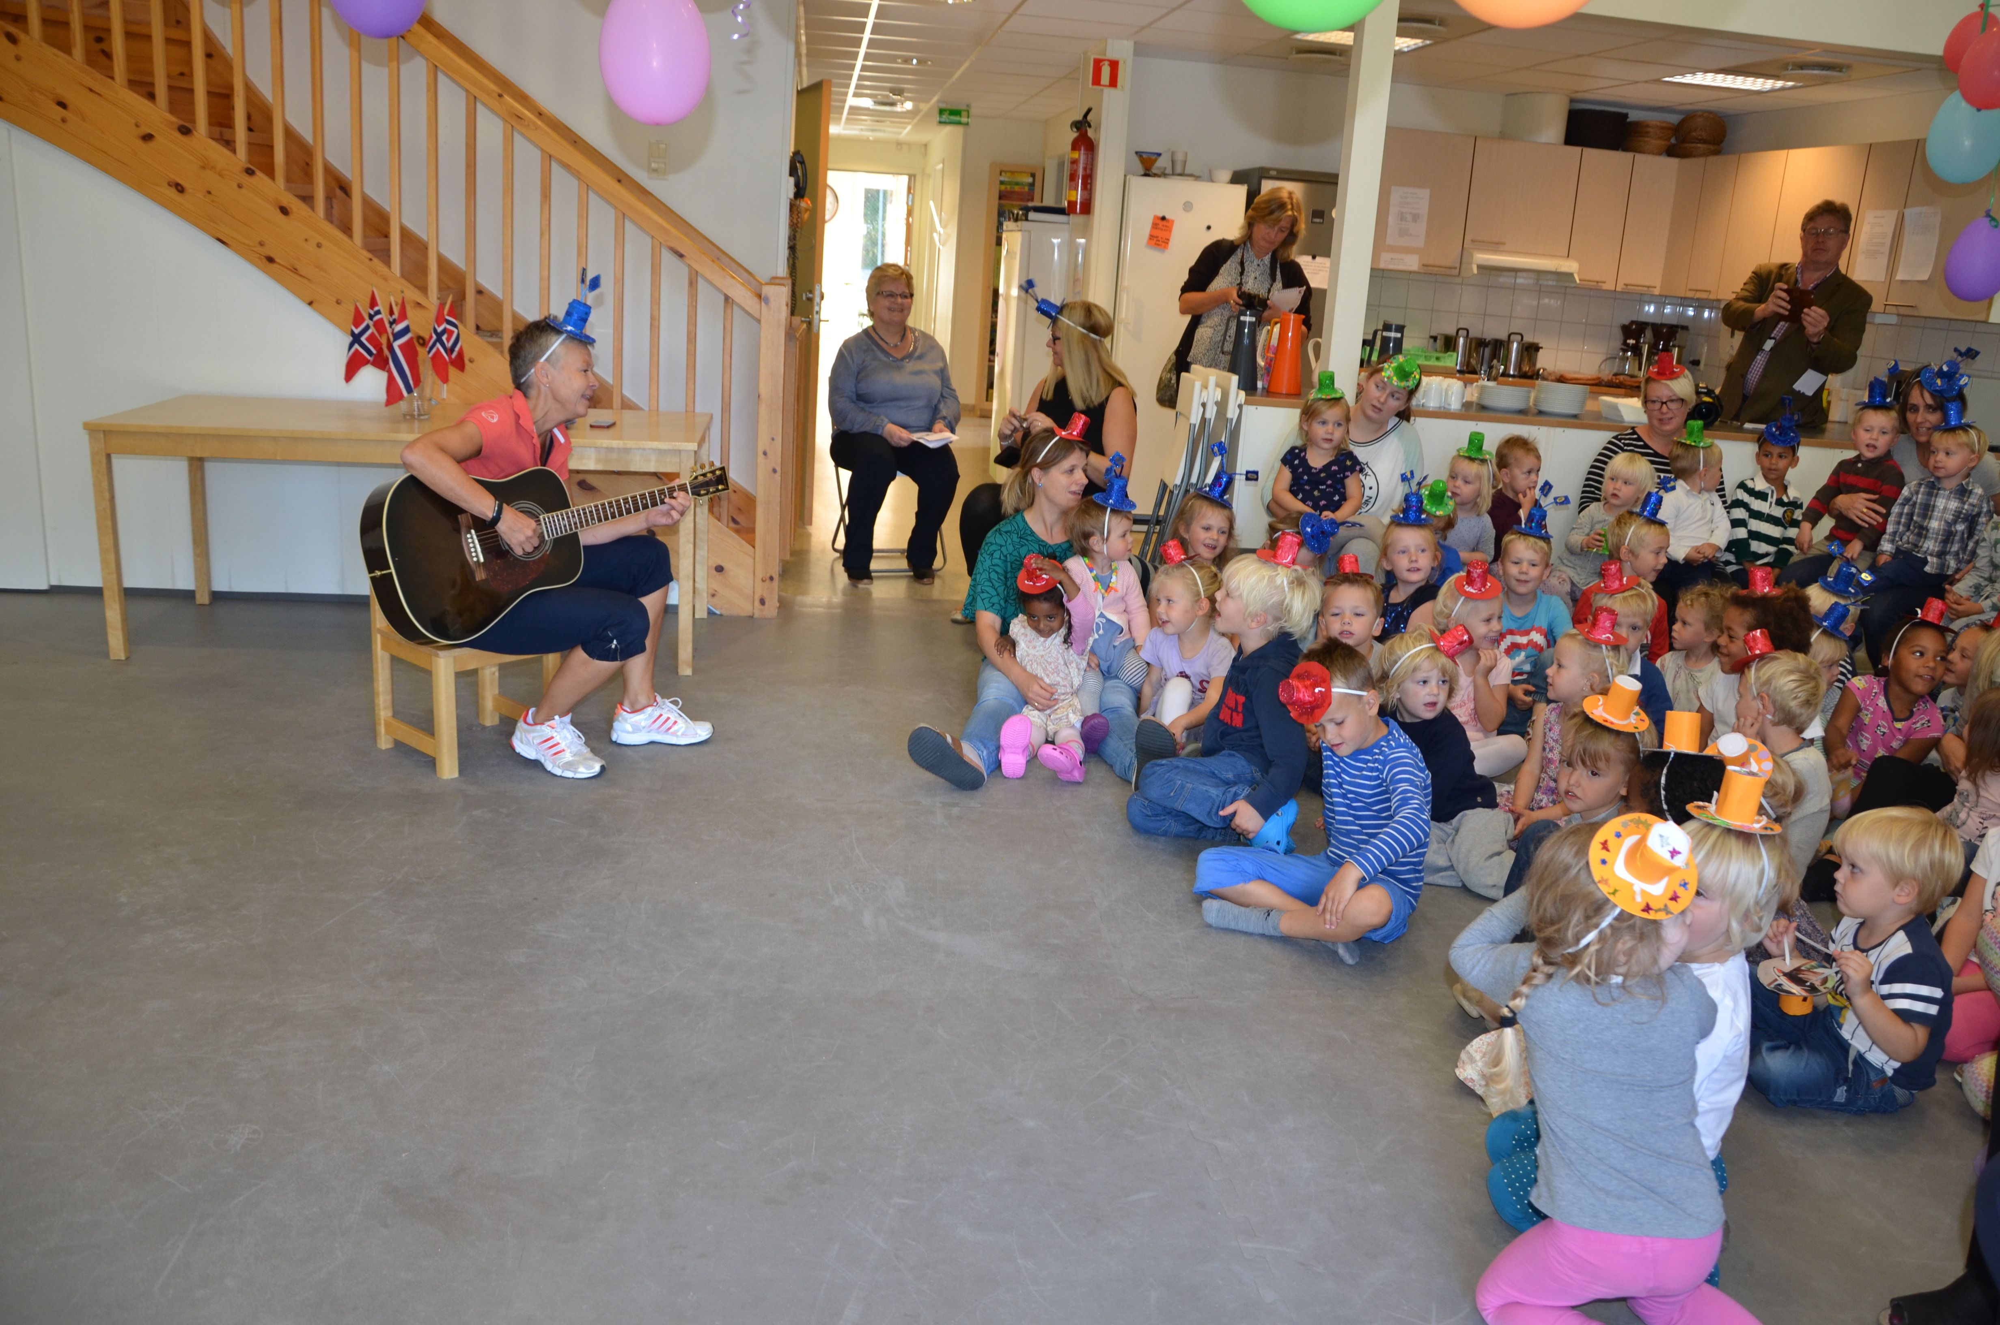 SANG BURSDAGSSANG: Pedagogisk leder Karin sang bursdagssang med barna.